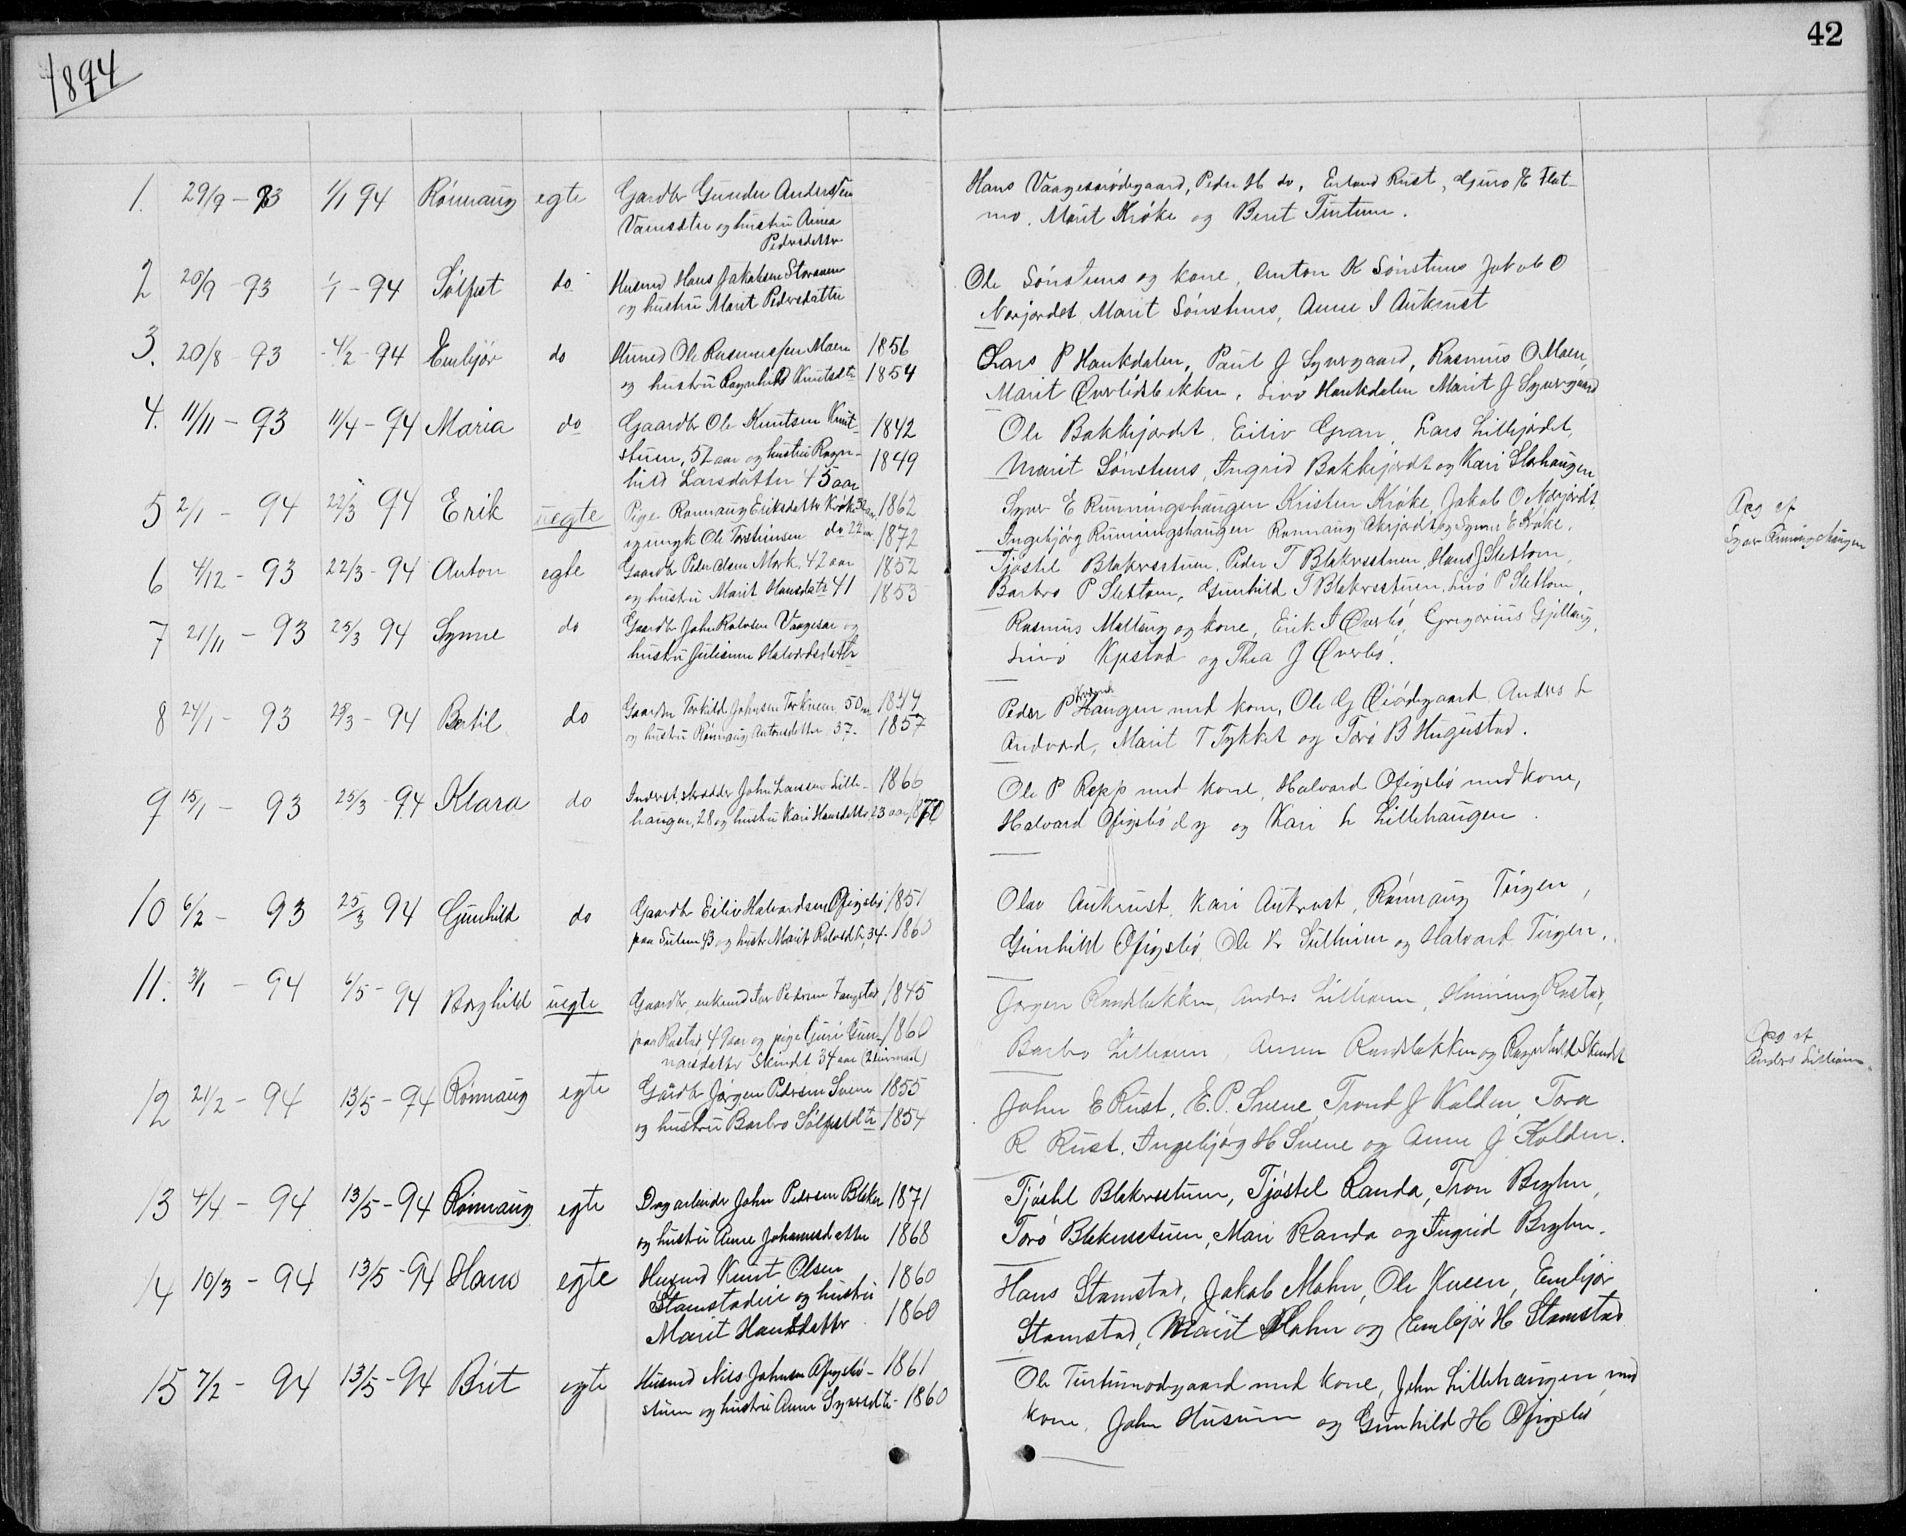 SAH, Lom prestekontor, L/L0013: Klokkerbok nr. 13, 1874-1938, s. 42